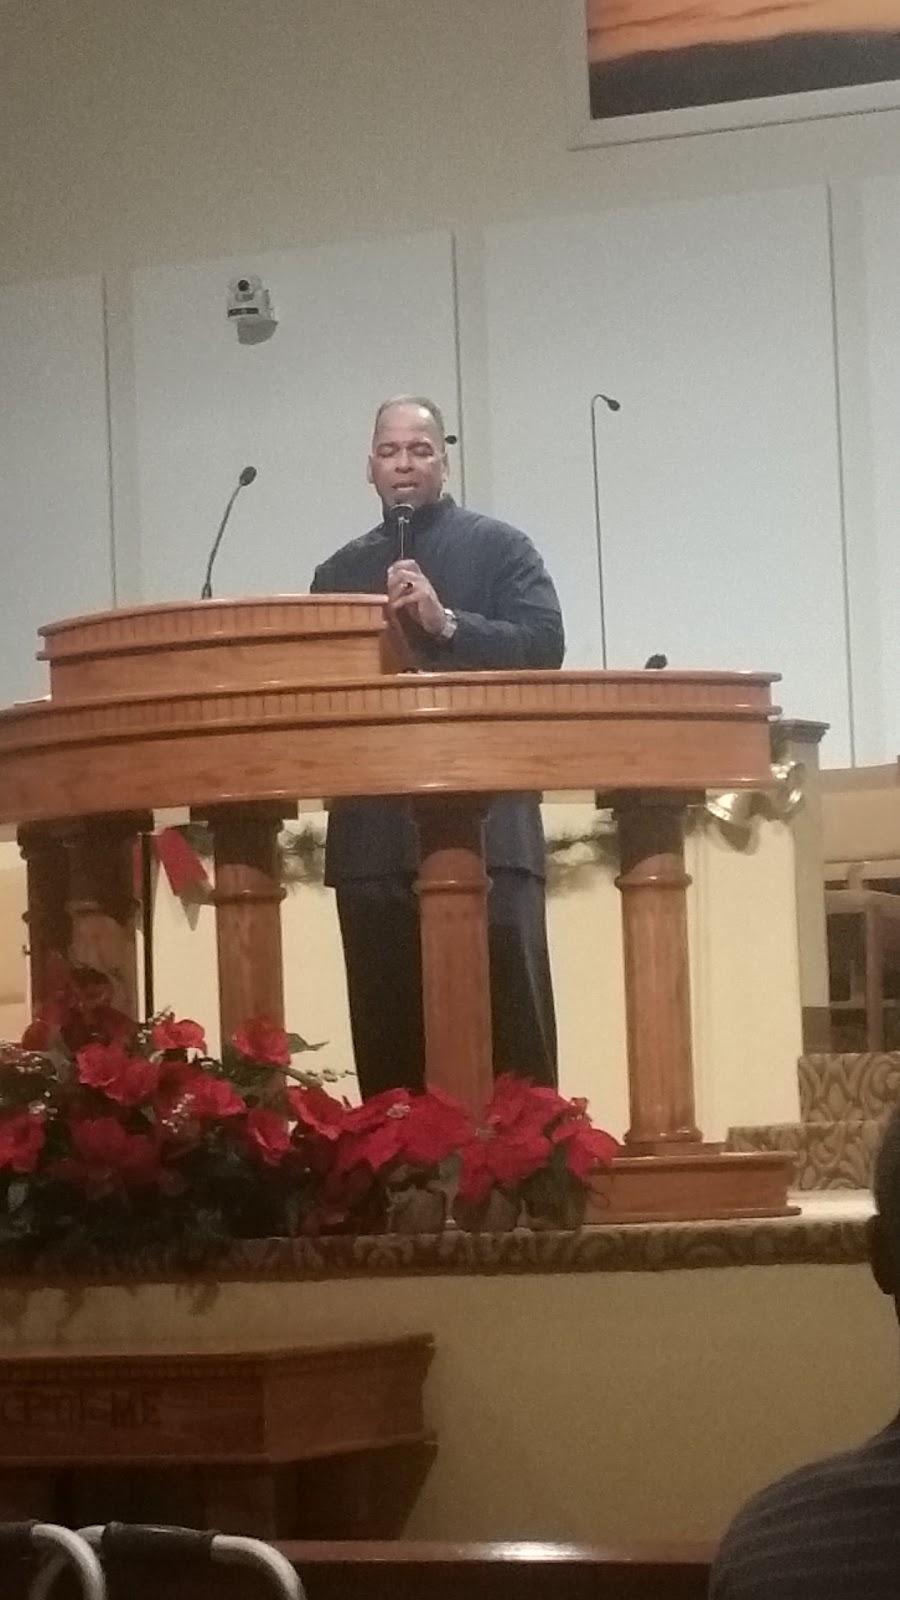 Oak Grove Baptist Church - church  | Photo 10 of 10 | Address: 2635 E Washington St, Suffolk, VA 23434, USA | Phone: (757) 539-8012